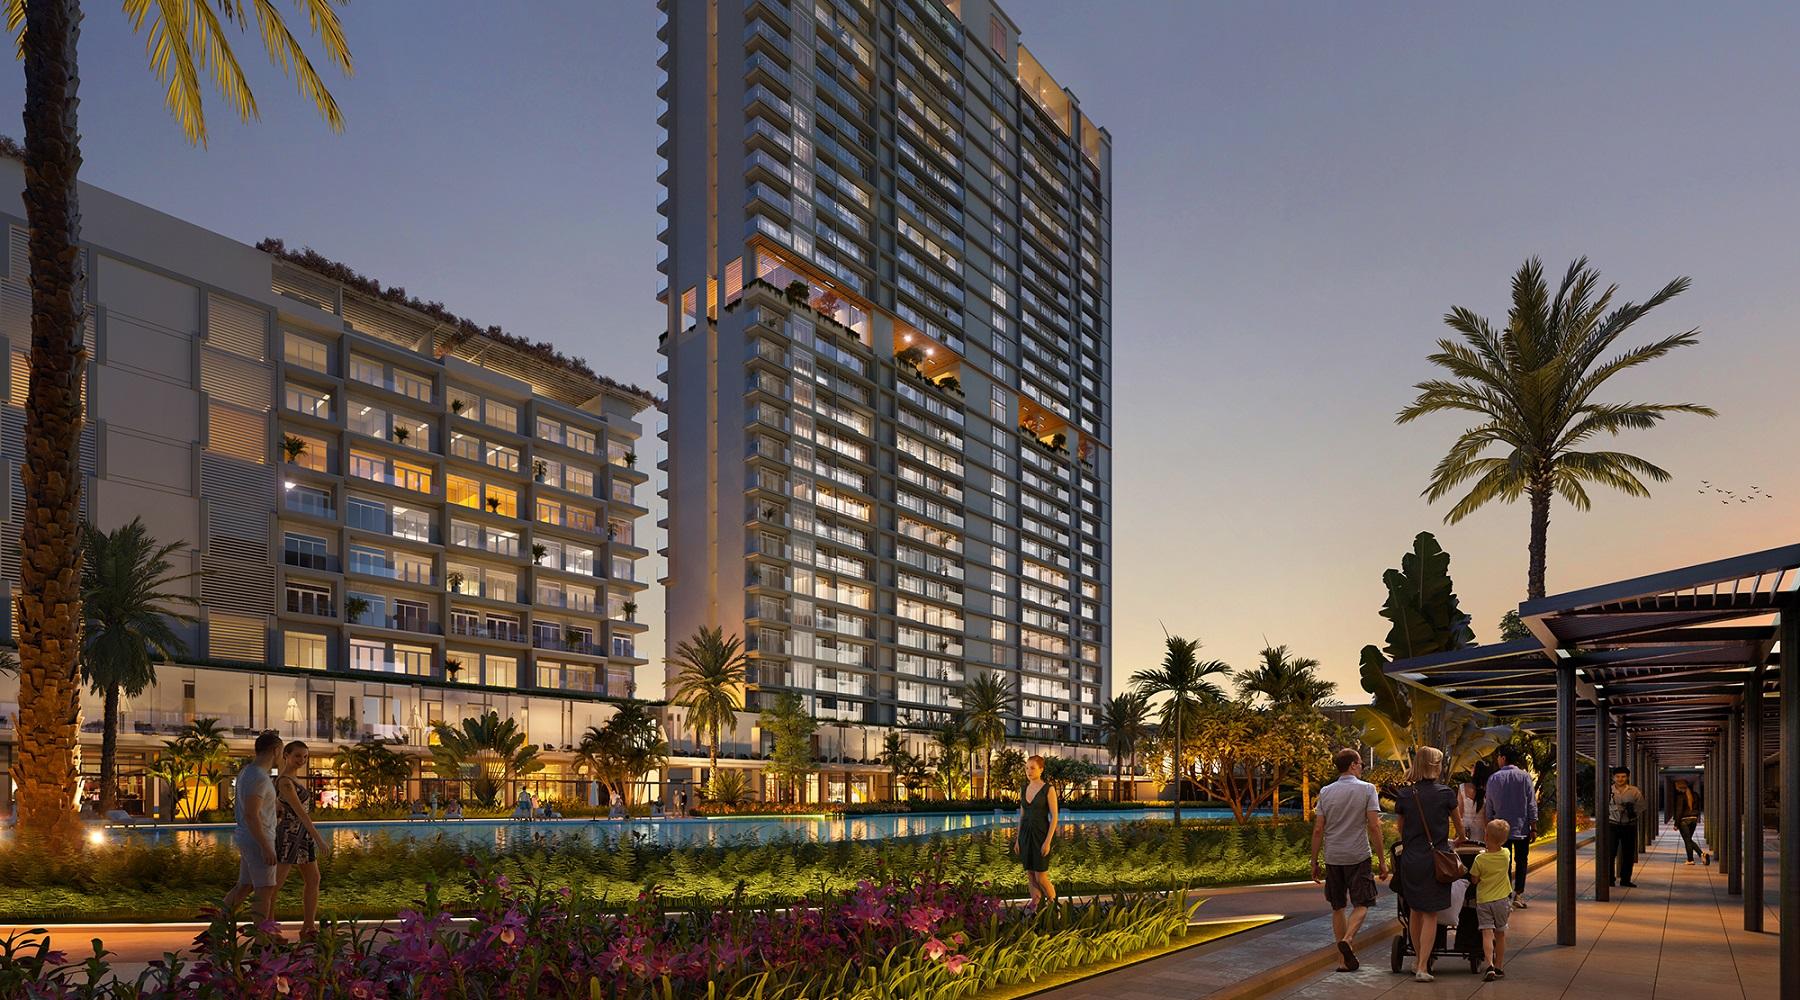 Tổ hợp hạng sang Aria Đà Nẵng Hotel & Resort định nghĩa lại tiêu chuẩn căn hộ nghỉ dưỡng